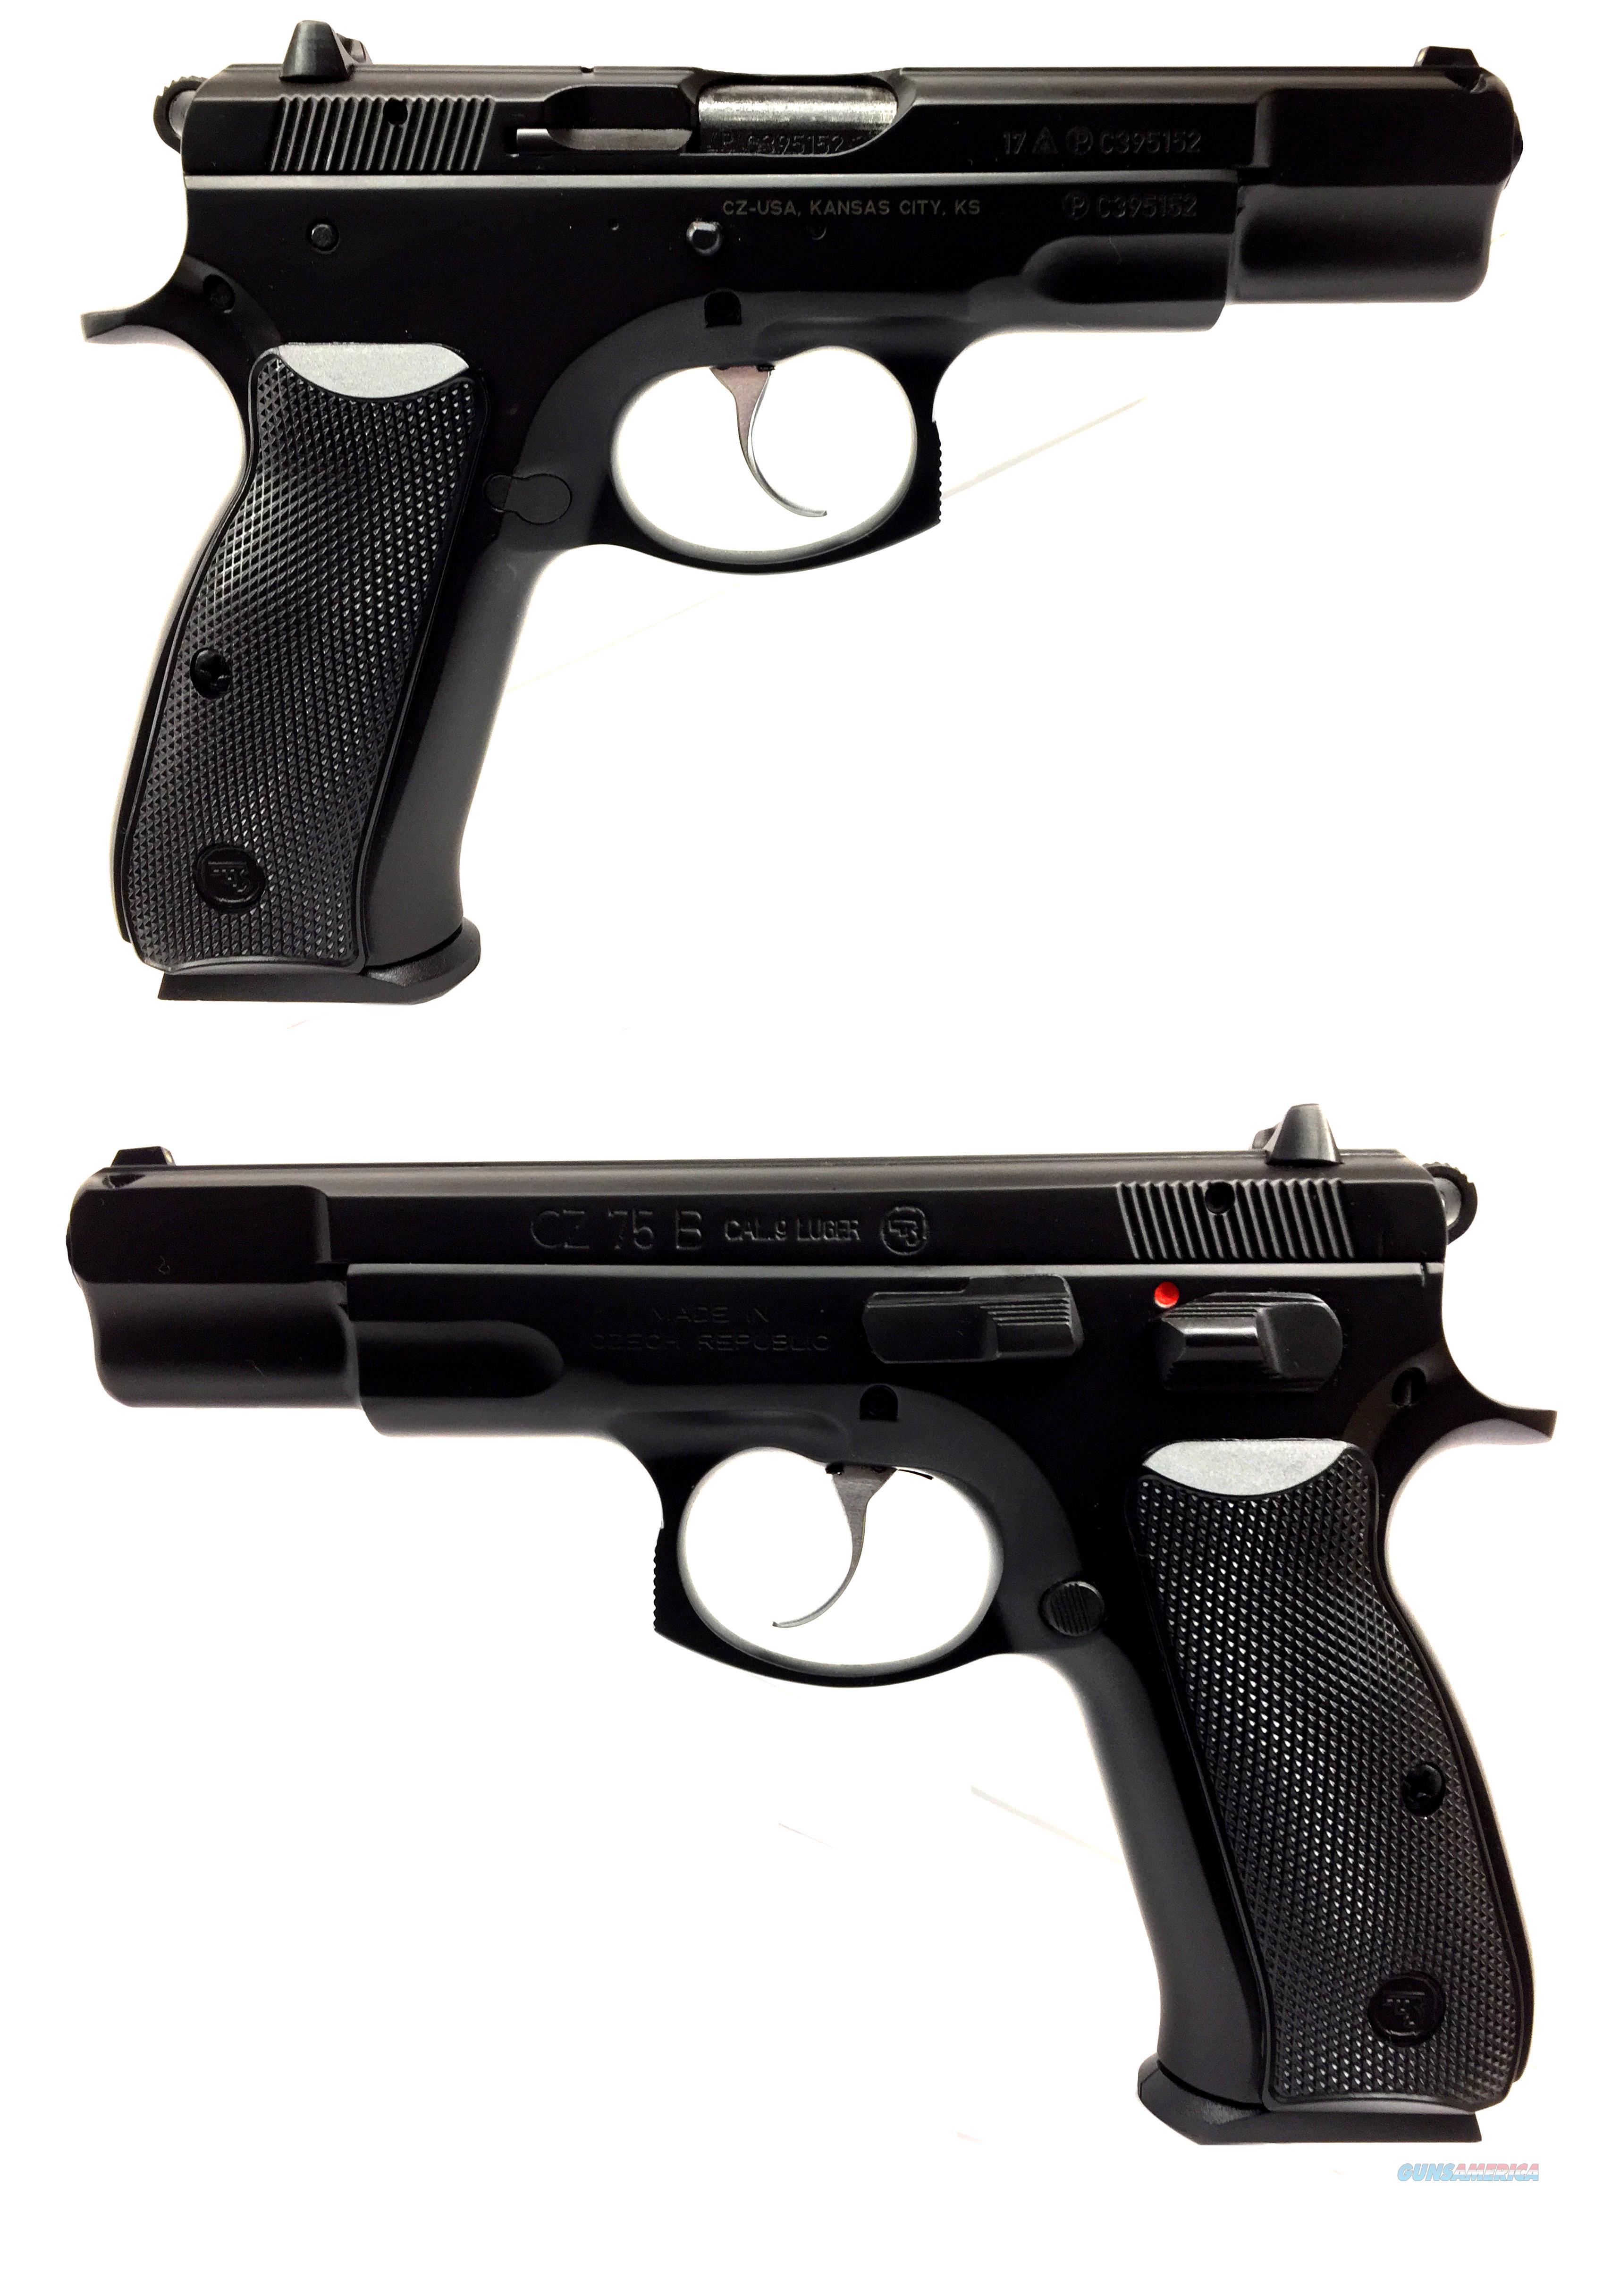 CZ 75 B Semi-Automatic Pistol  Guns > Pistols > CZ Pistols